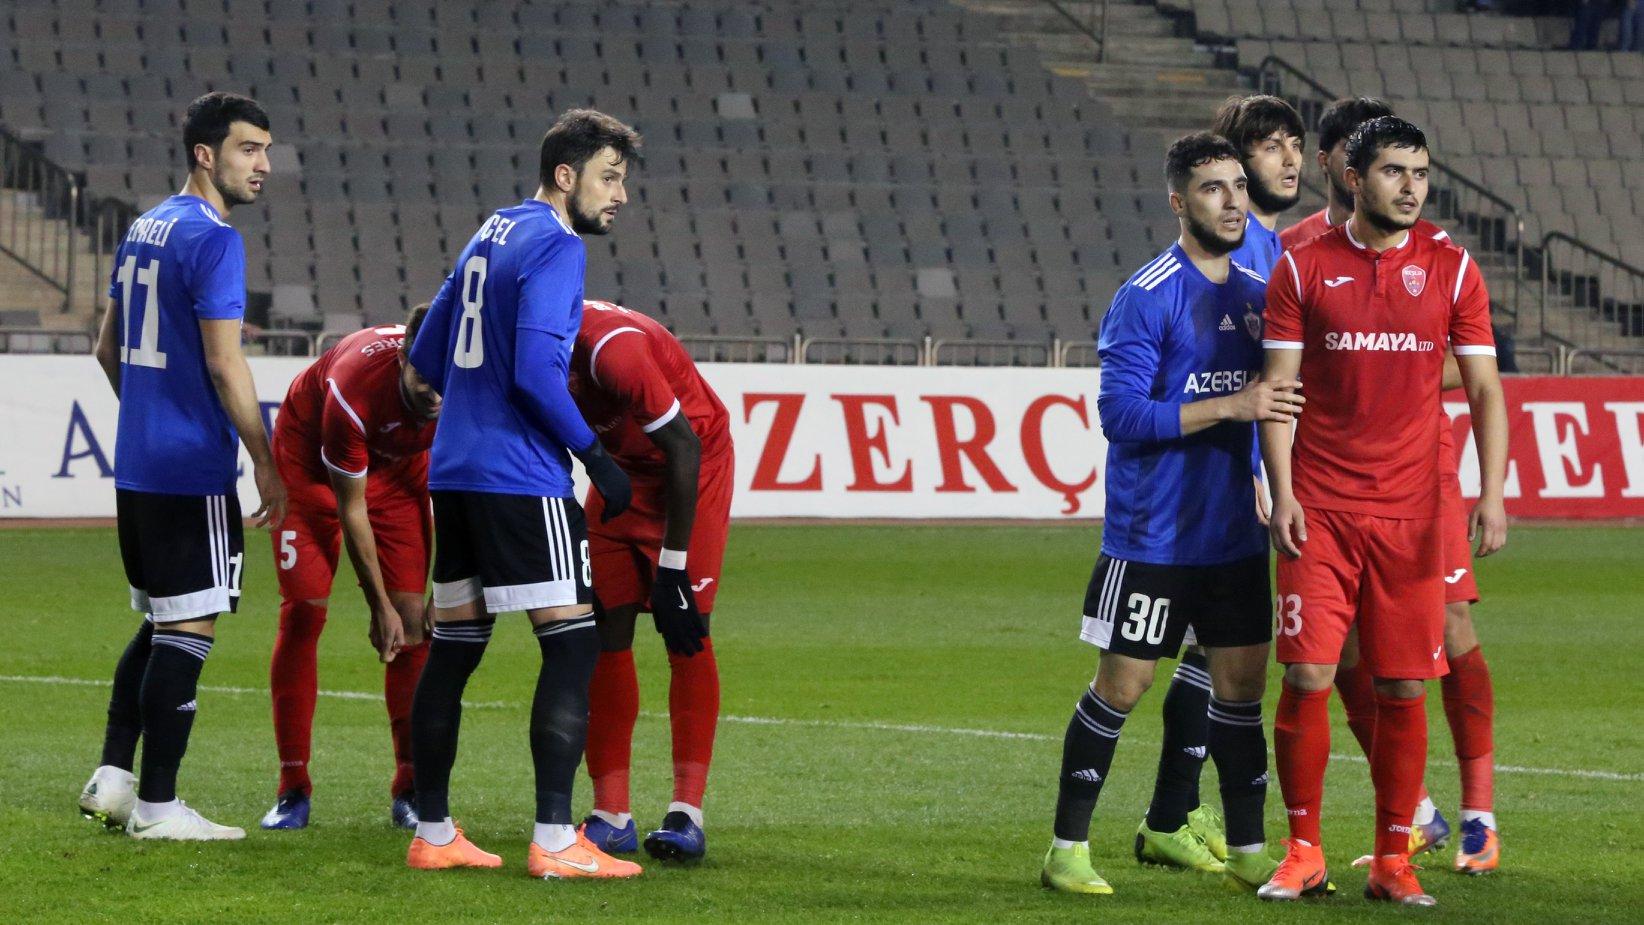 """""""Qarabağ""""dan alınan 1 xala görə 1500 istədilər, amma…"""